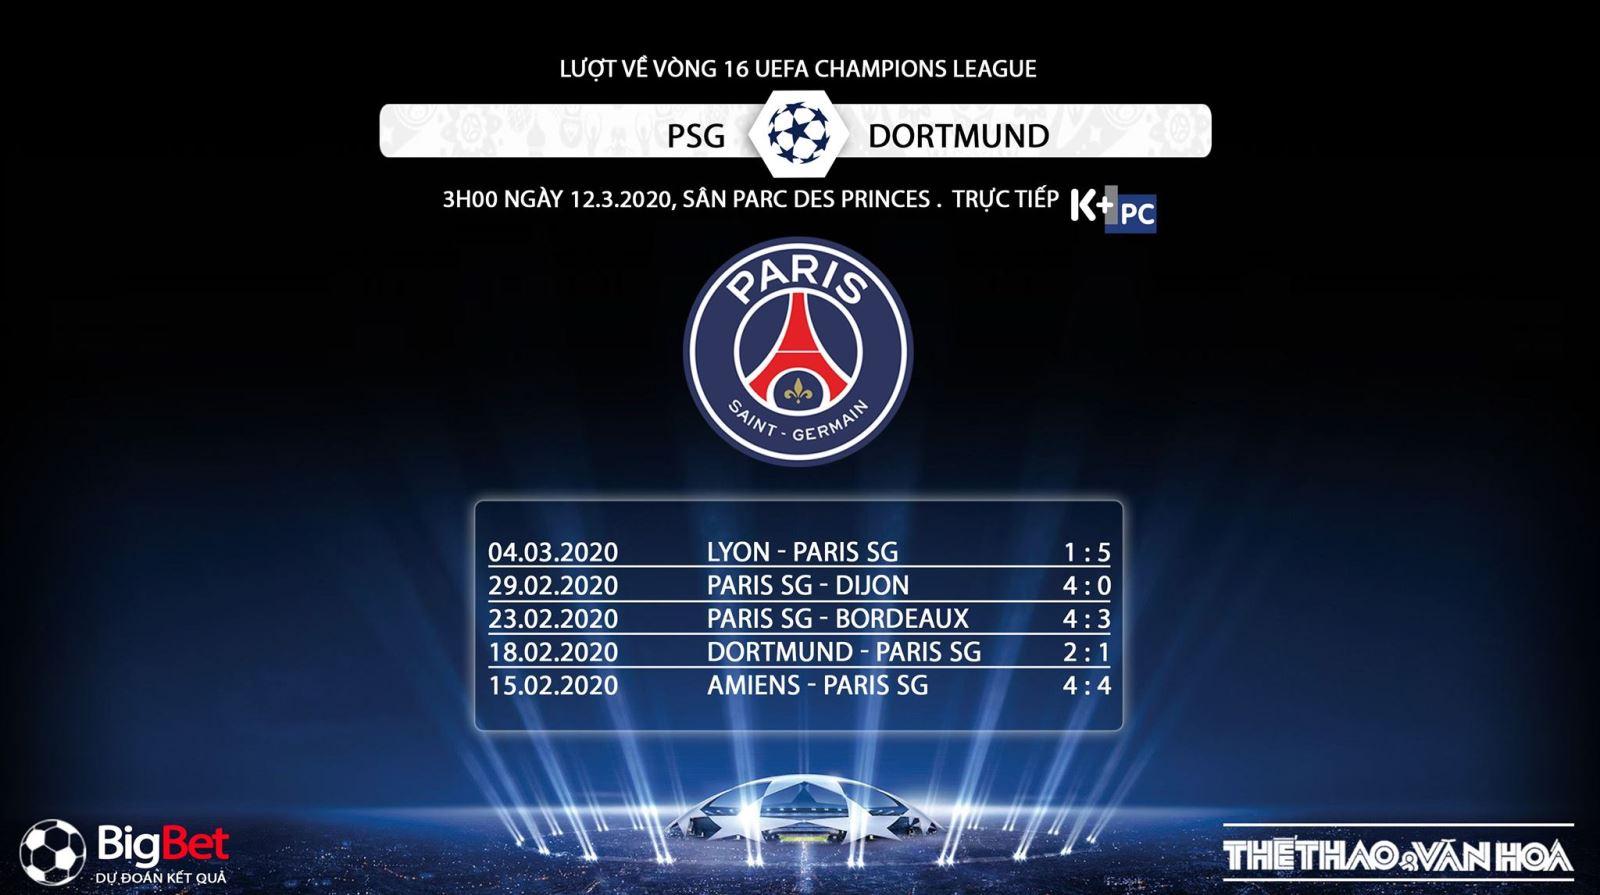 PSG vs Dortmund, PSG, Dortmund, trực tiếp bóng đá, lịch thi đấu bóng đá, PSG, K+PC, K+NS, bóng đá, trực tiếp bóng đá, Cúp C1